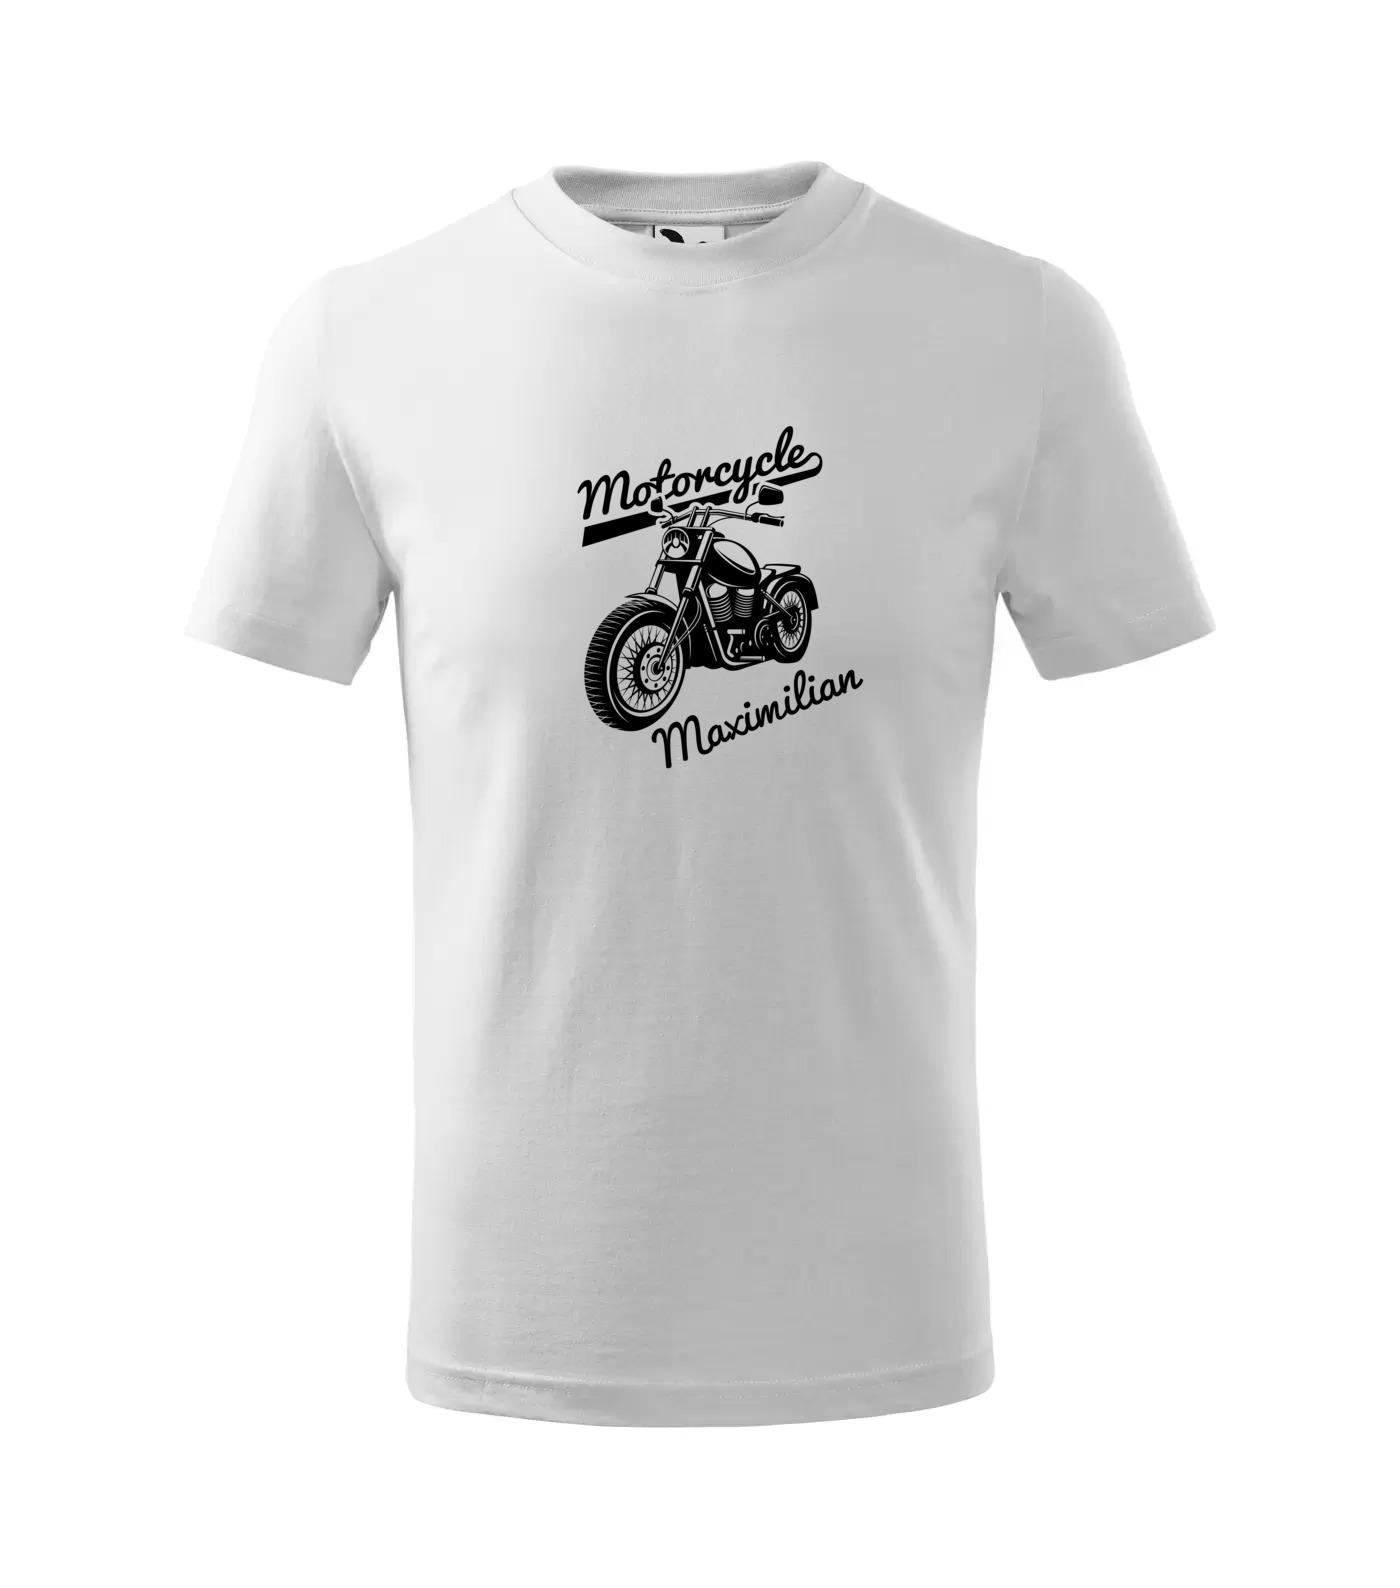 Tričko Motorkář Inverse Maximilian